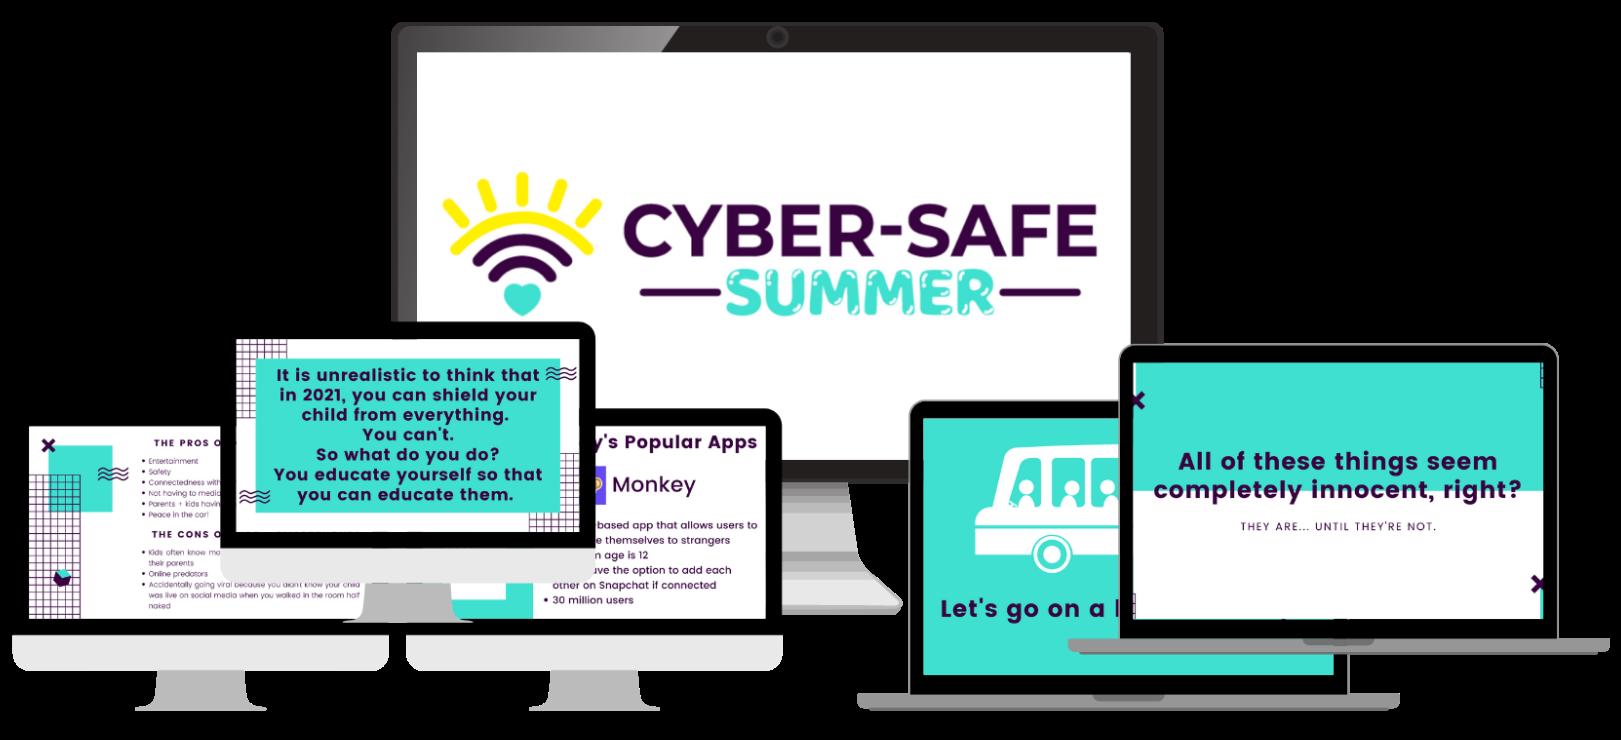 Cyber-Safe Summer Mockup (1)